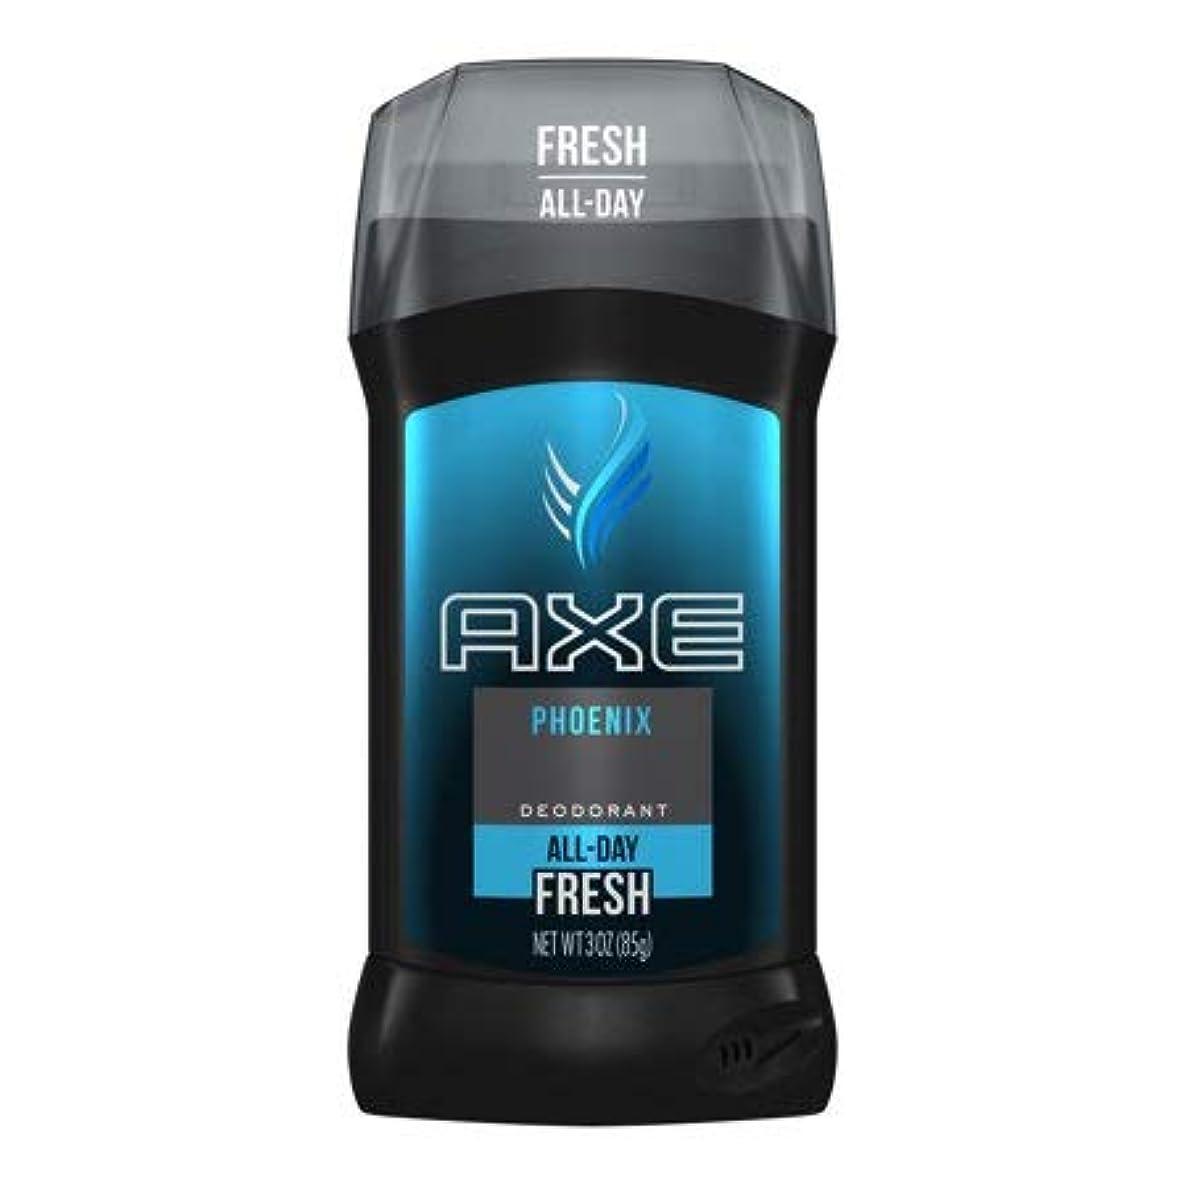 評議会一般的なギャザーAXE Phoenix Deodorant Stick Fresh 3 oz アクセ フェニックス フレッシュ デオドラント 海外直送品 [並行輸入品]